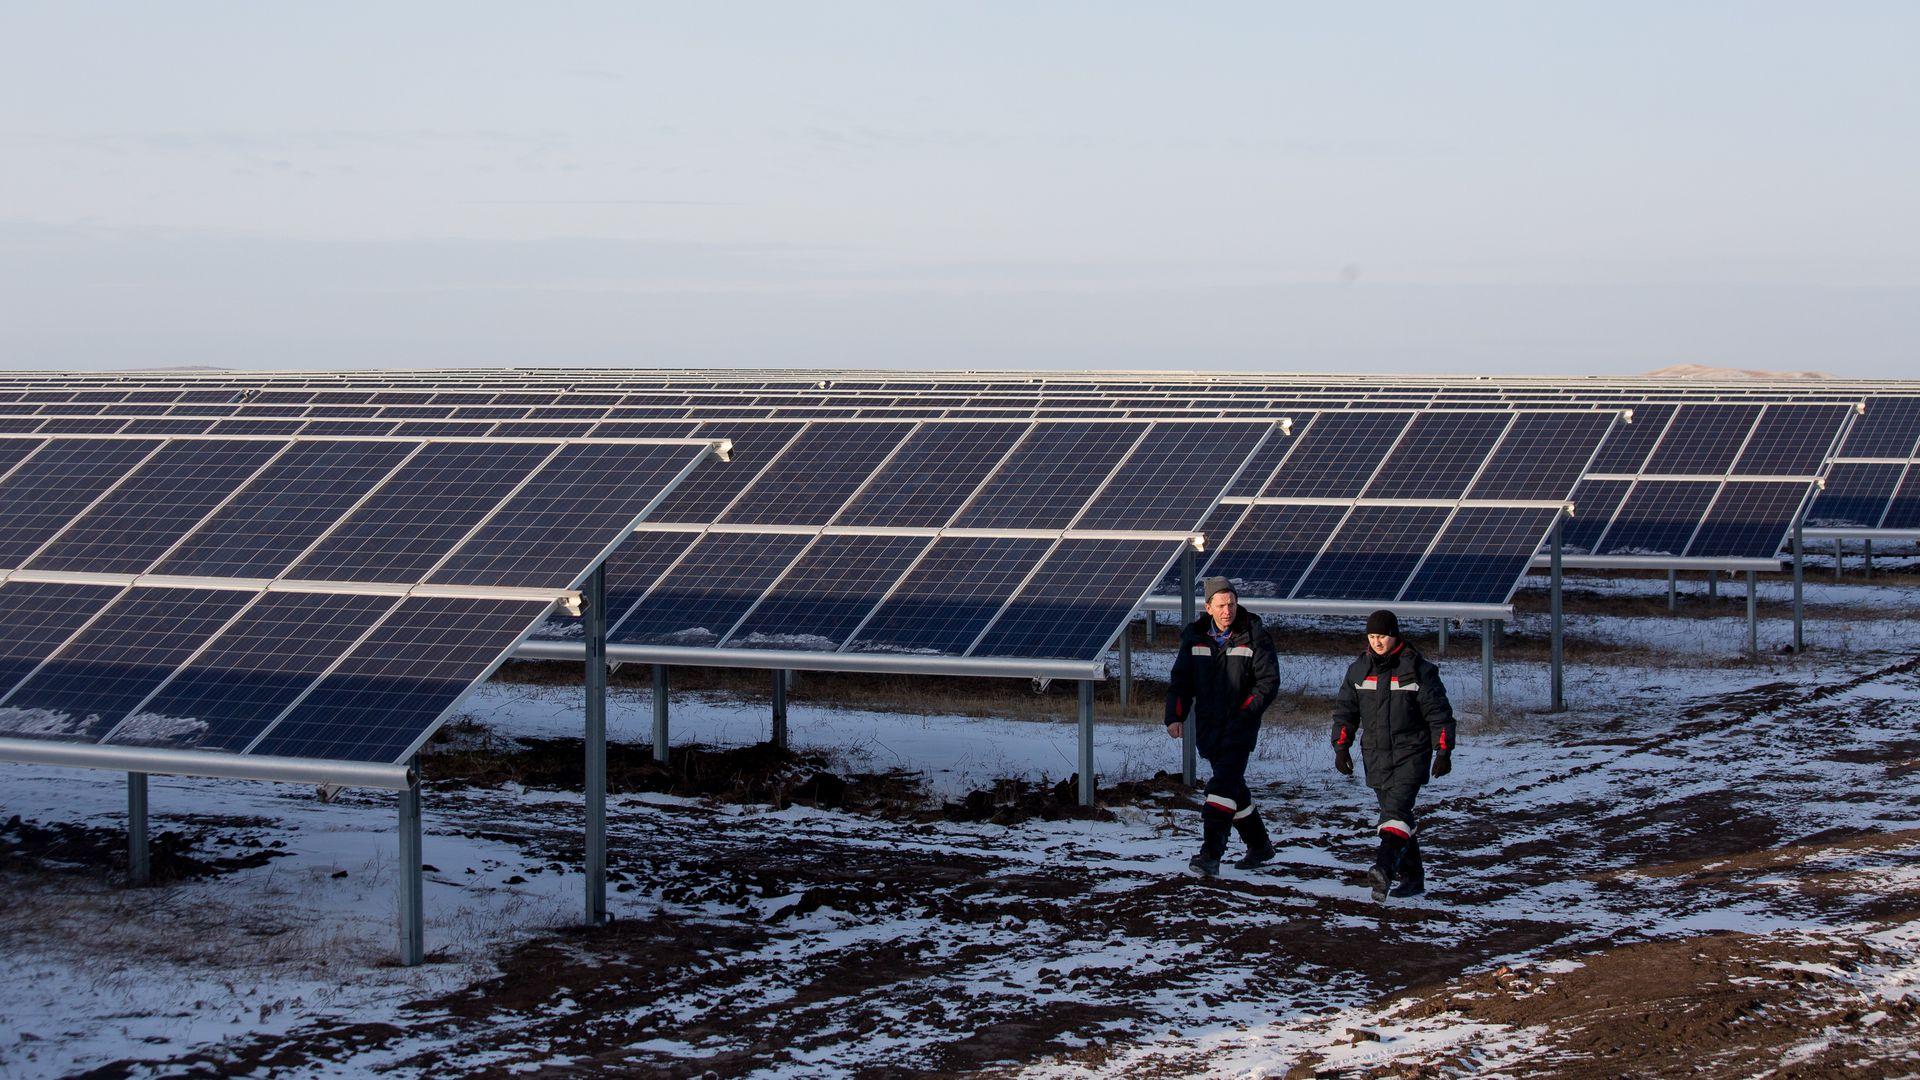 Workers walking near solar panels